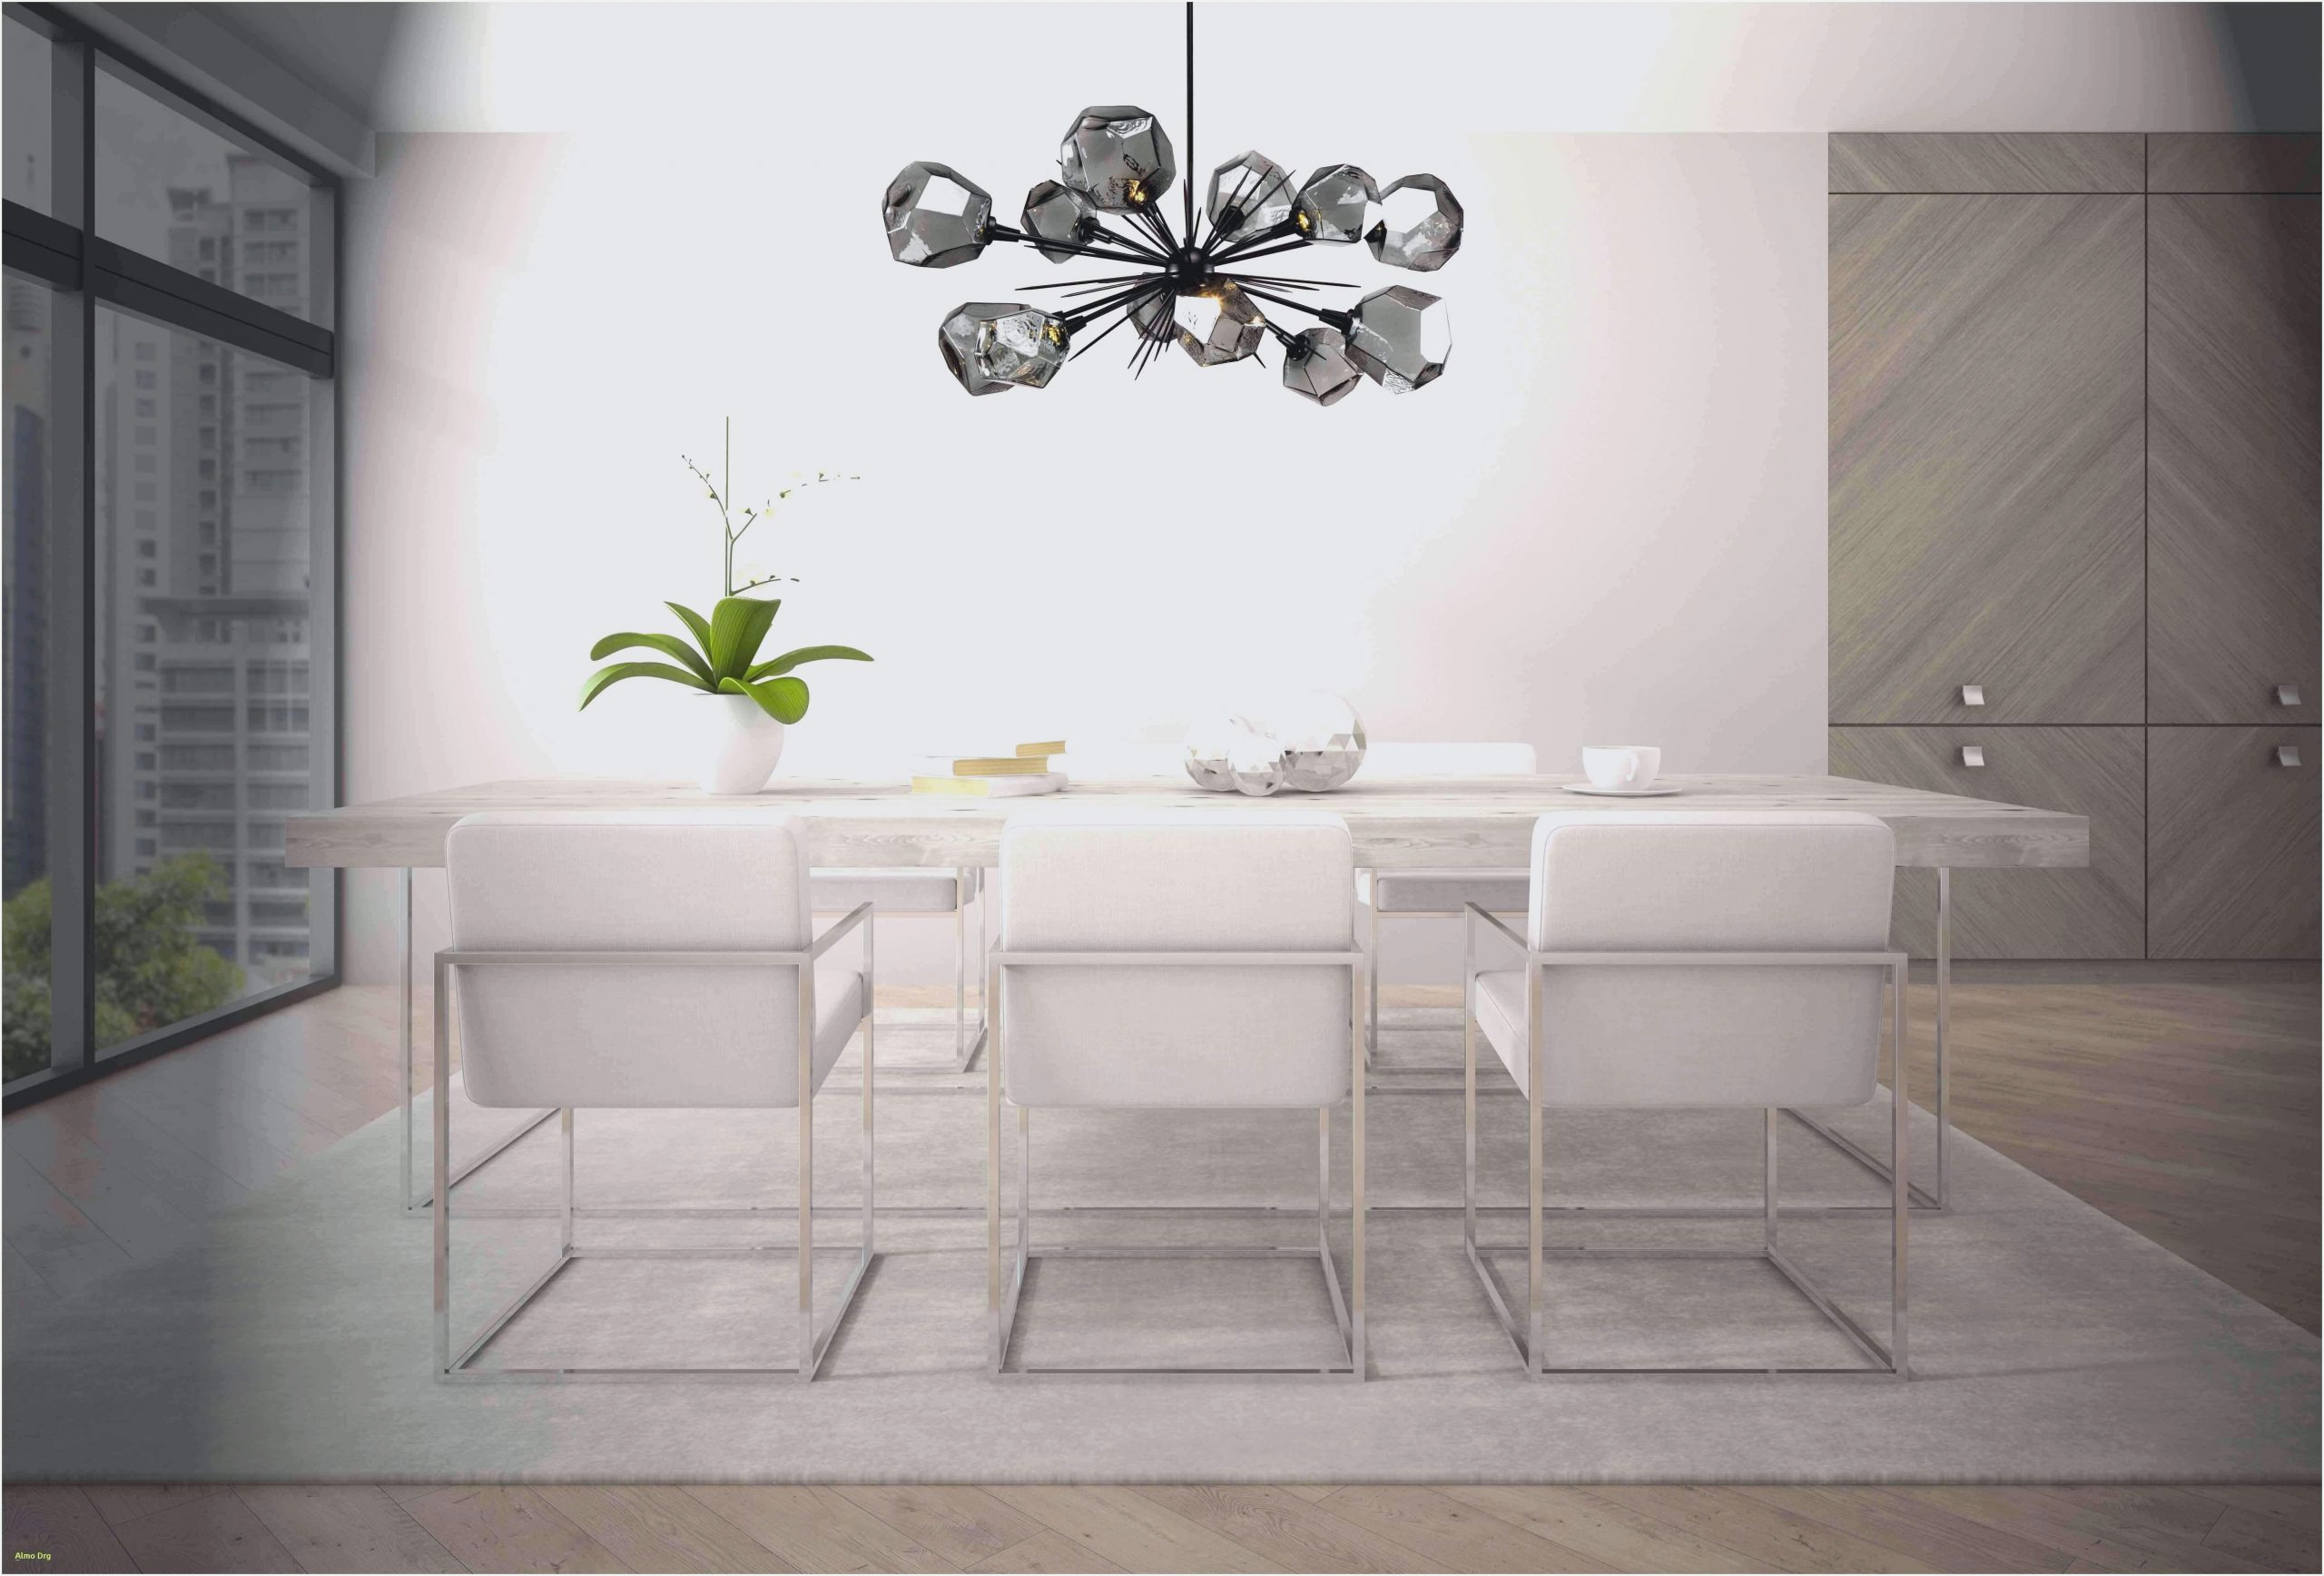 Full Size of Wohnzimmerlampen Ikea Beleuchtung Badezimmer Elegant Wohnzimmer Lampen Decke Neu Licht Modulküche Betten 160x200 Sofa Mit Schlaffunktion Miniküche Küche Wohnzimmer Wohnzimmerlampen Ikea